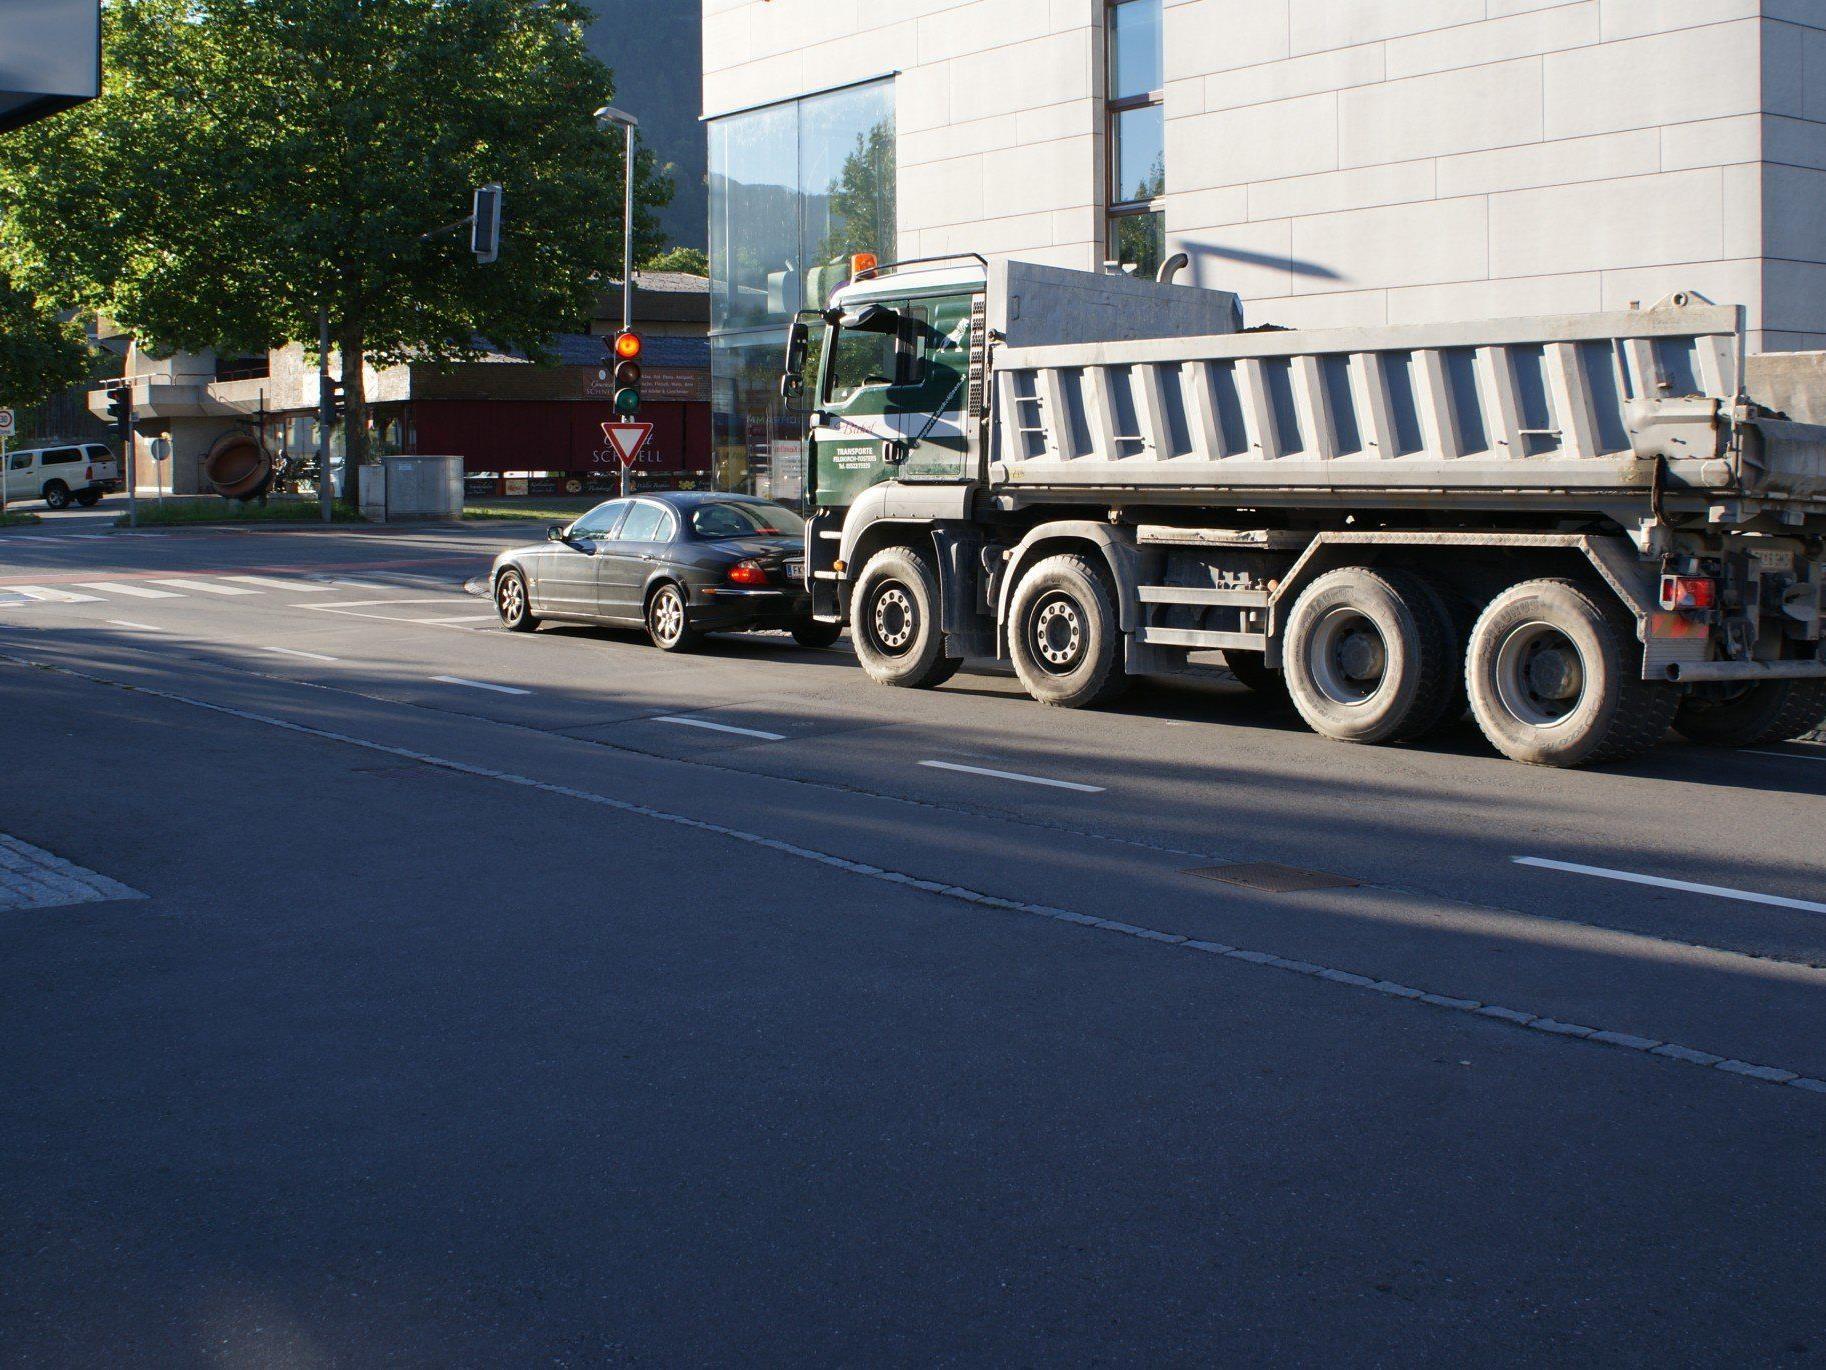 Die kurze Grünphase in der Einmündung der Kaiserstraße in die Bruderhofstraße, wurde im Bürgerforum kritisiert.